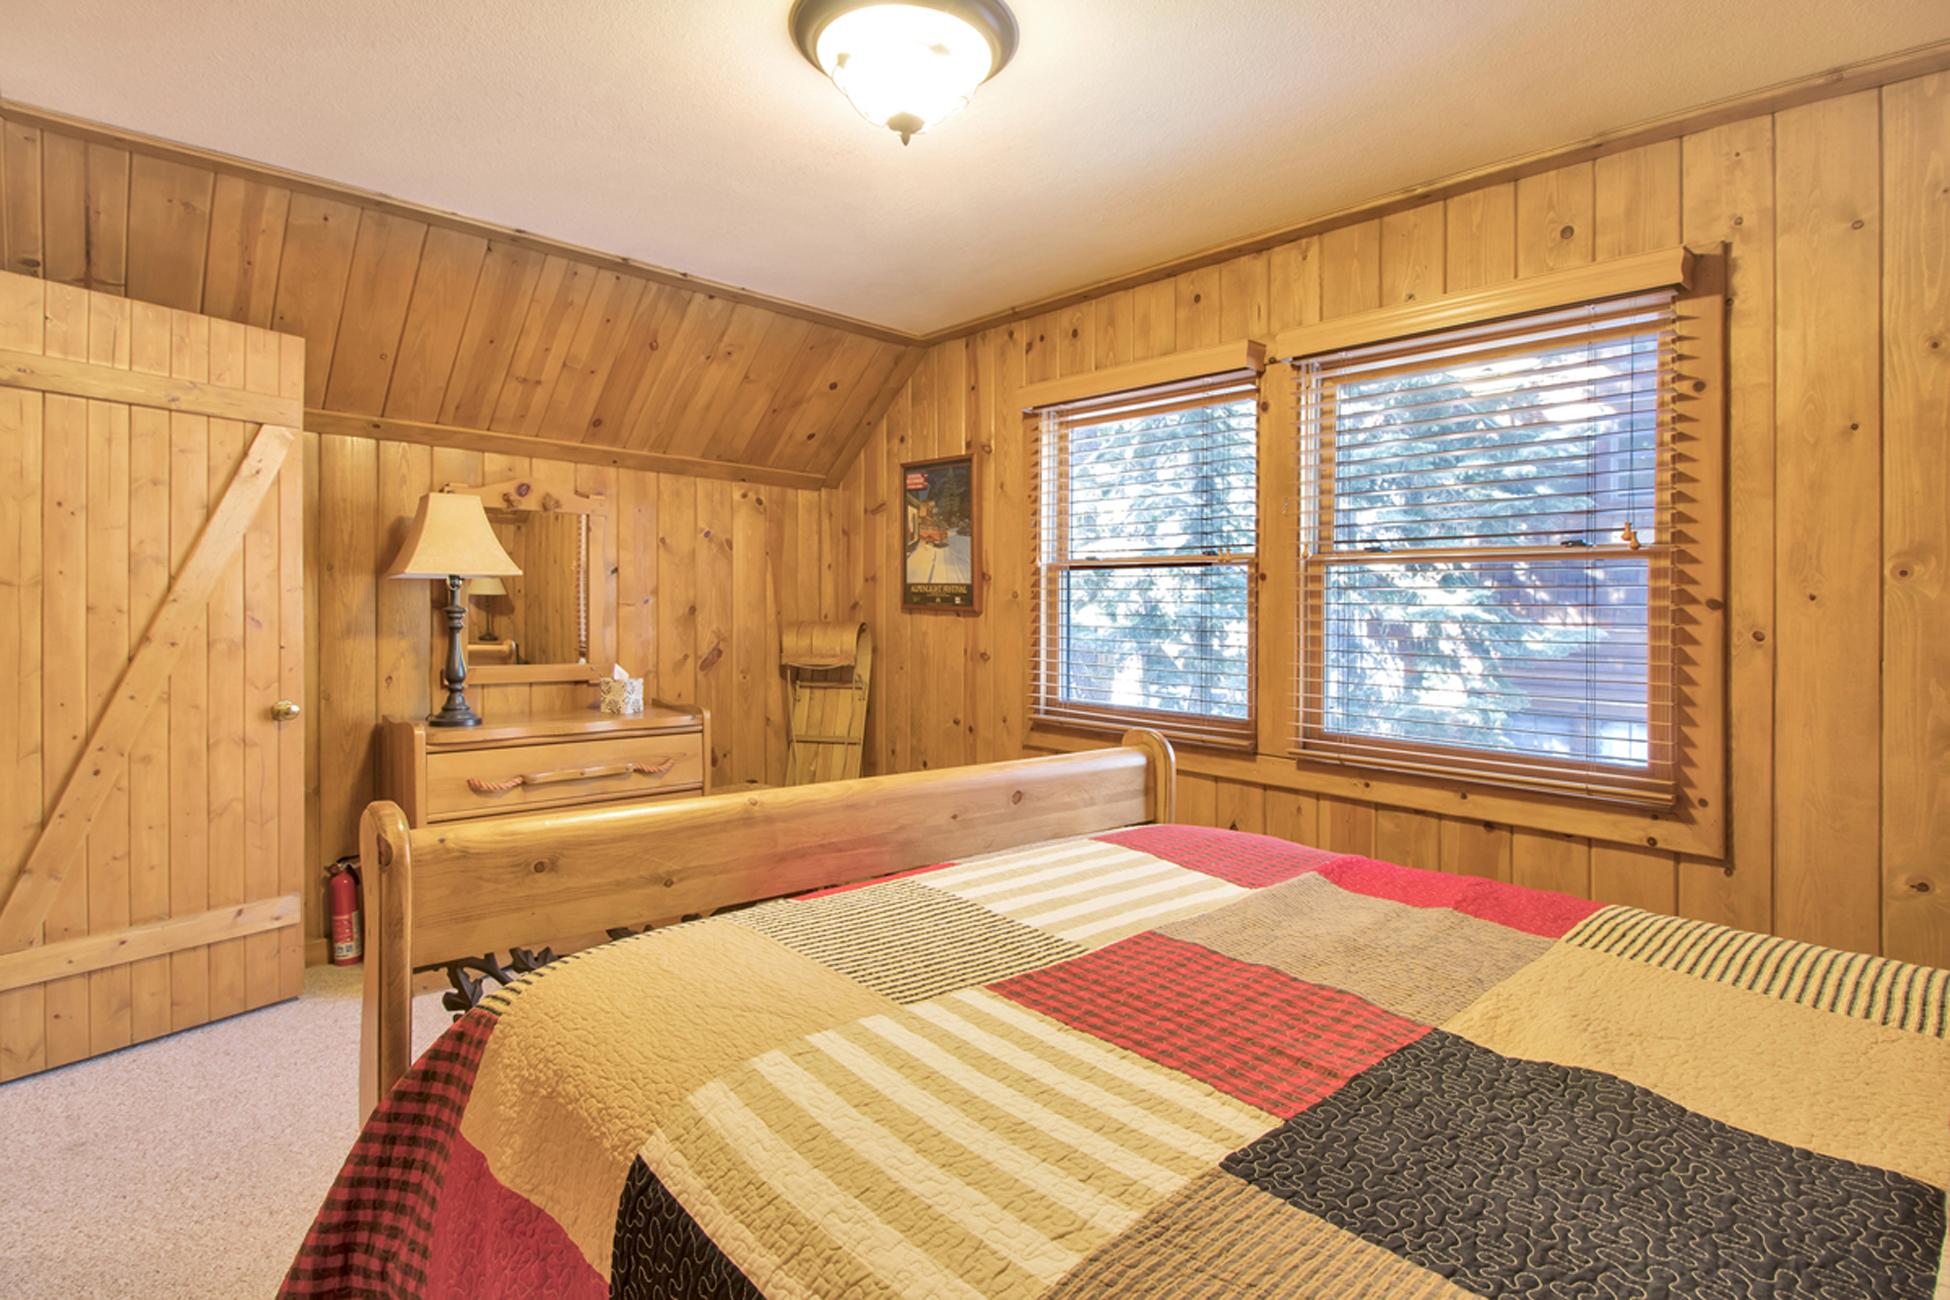 Listing Image 19 for Karley's Lake Lodge